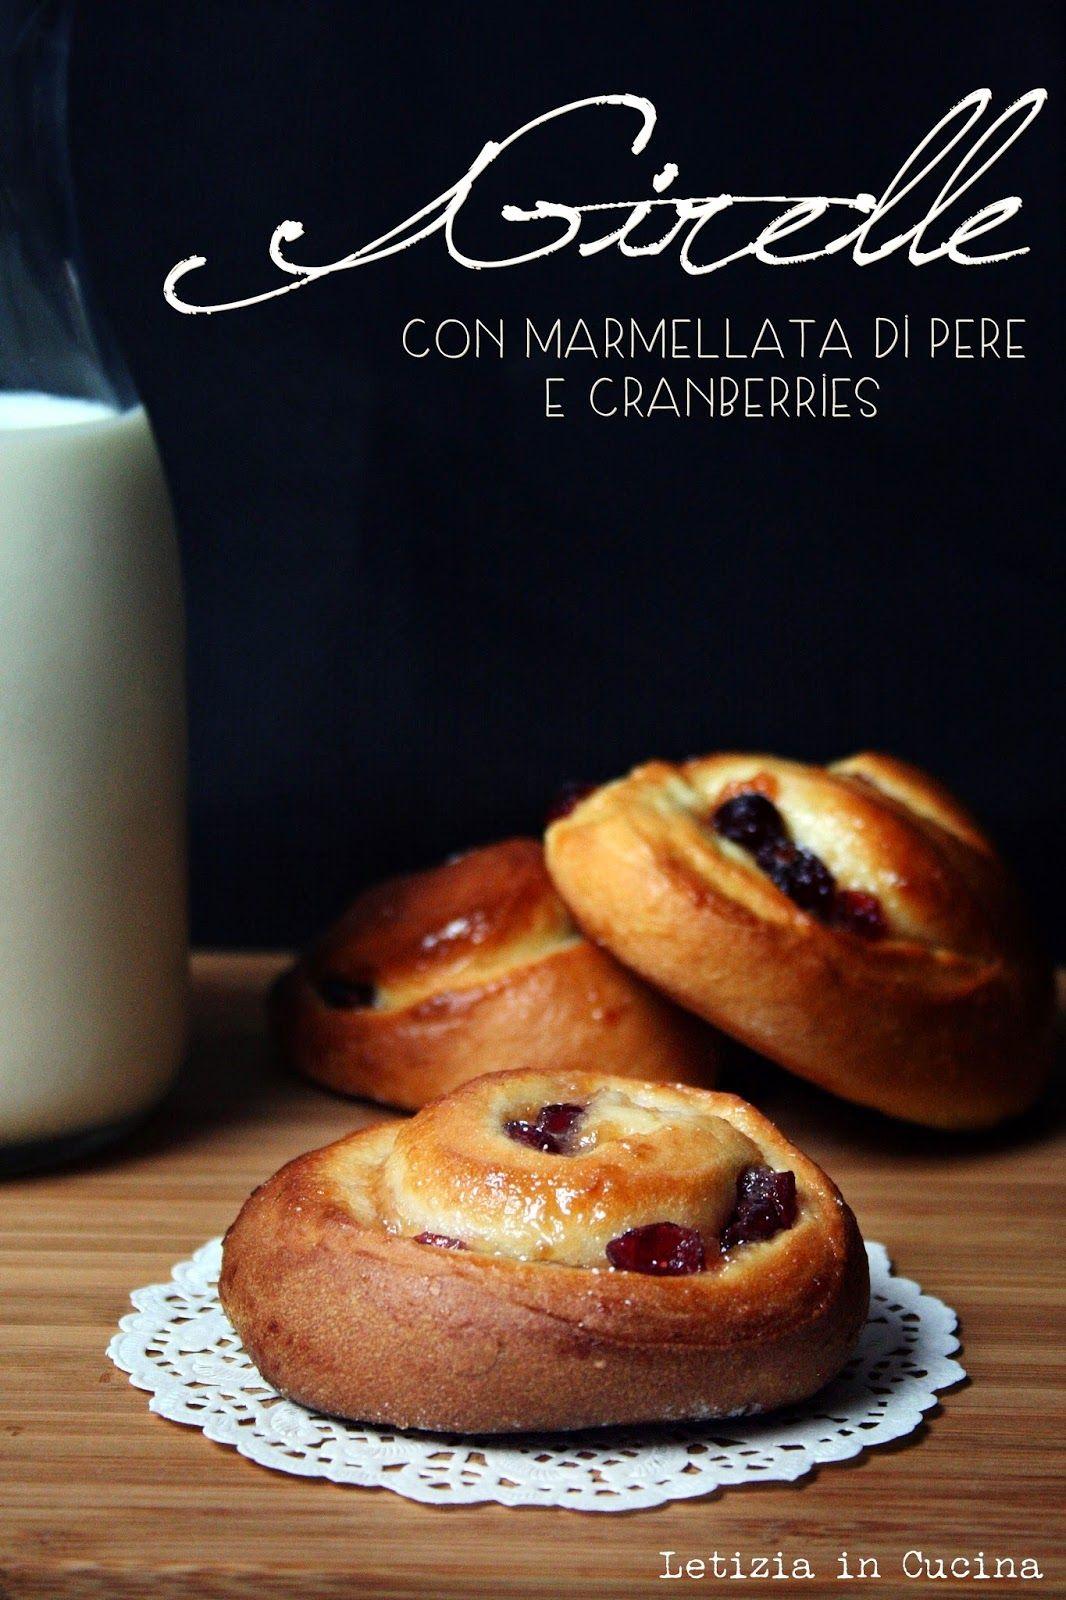 Letizia in Cucina: Girelle con marmellata di pere e cranberries a ...